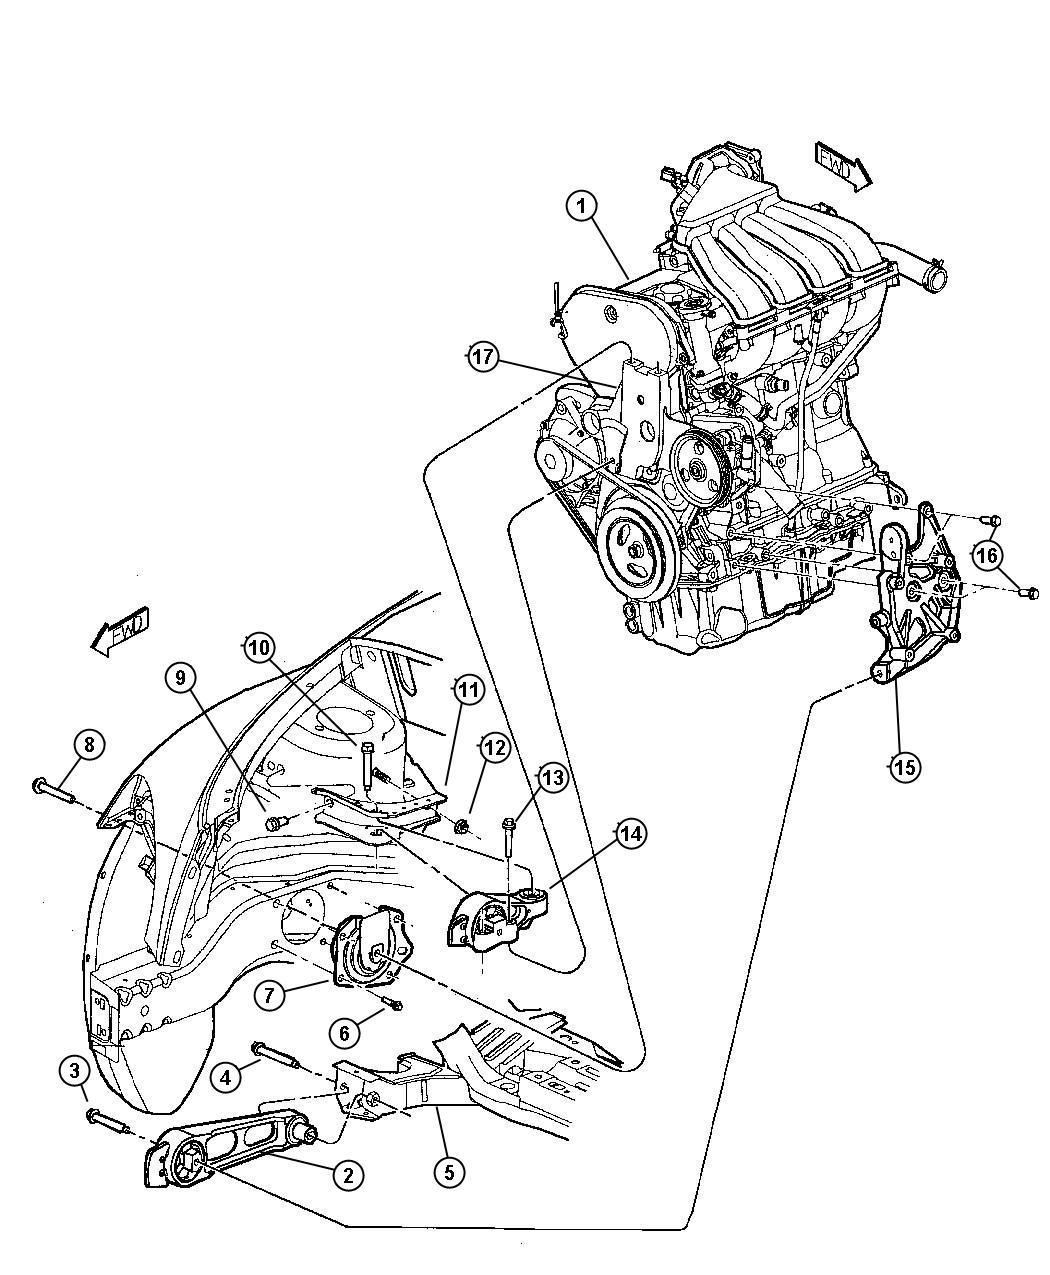 Chrysler Pt Cruiser Isolator, strut. Torque reaction